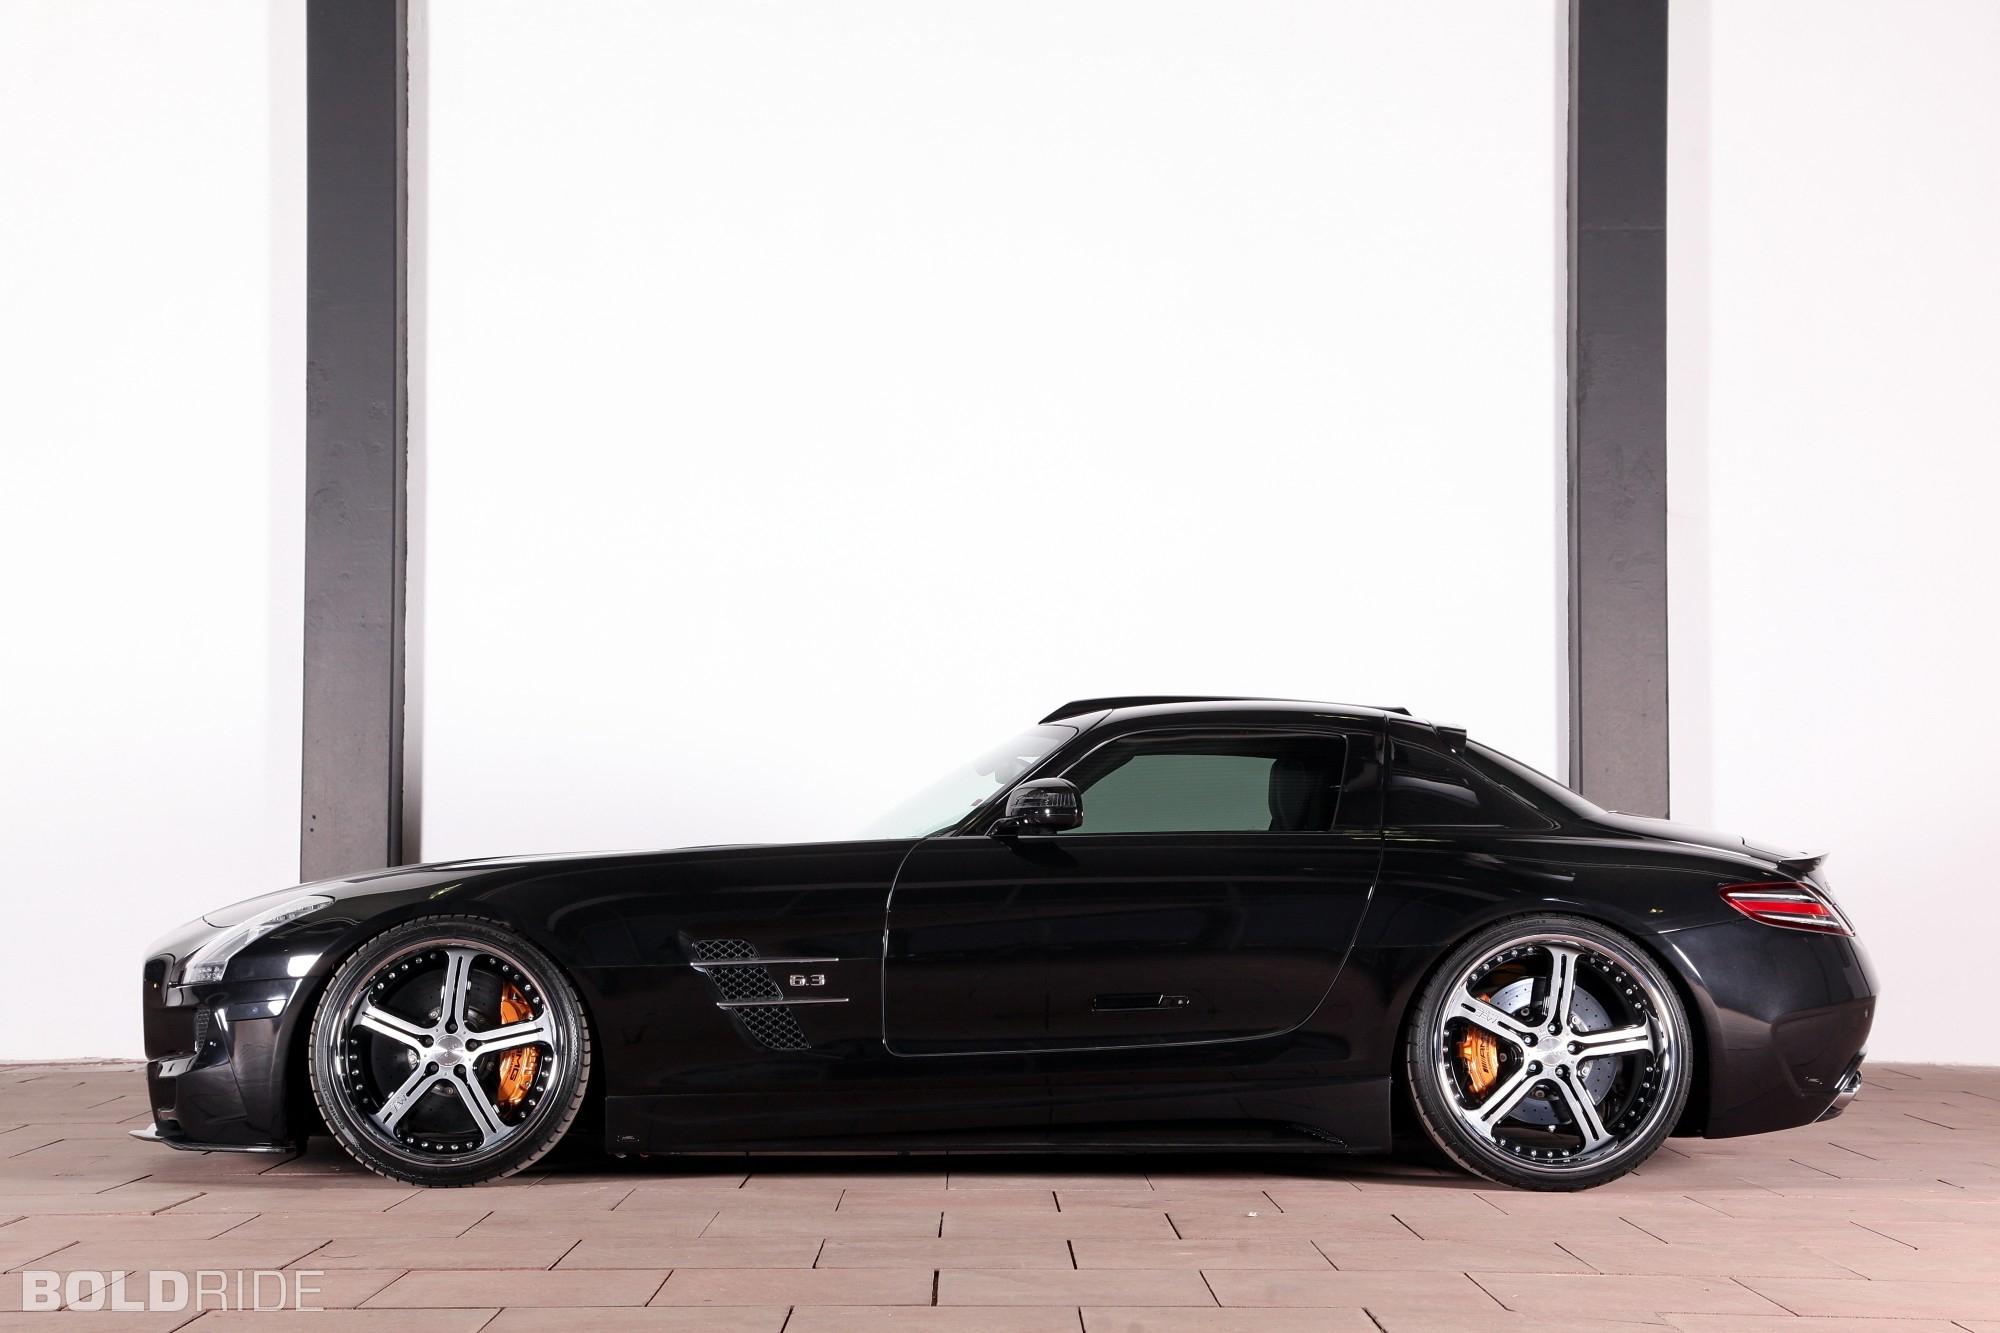 Mercedes Benz SLS 2013 - 2000x1333